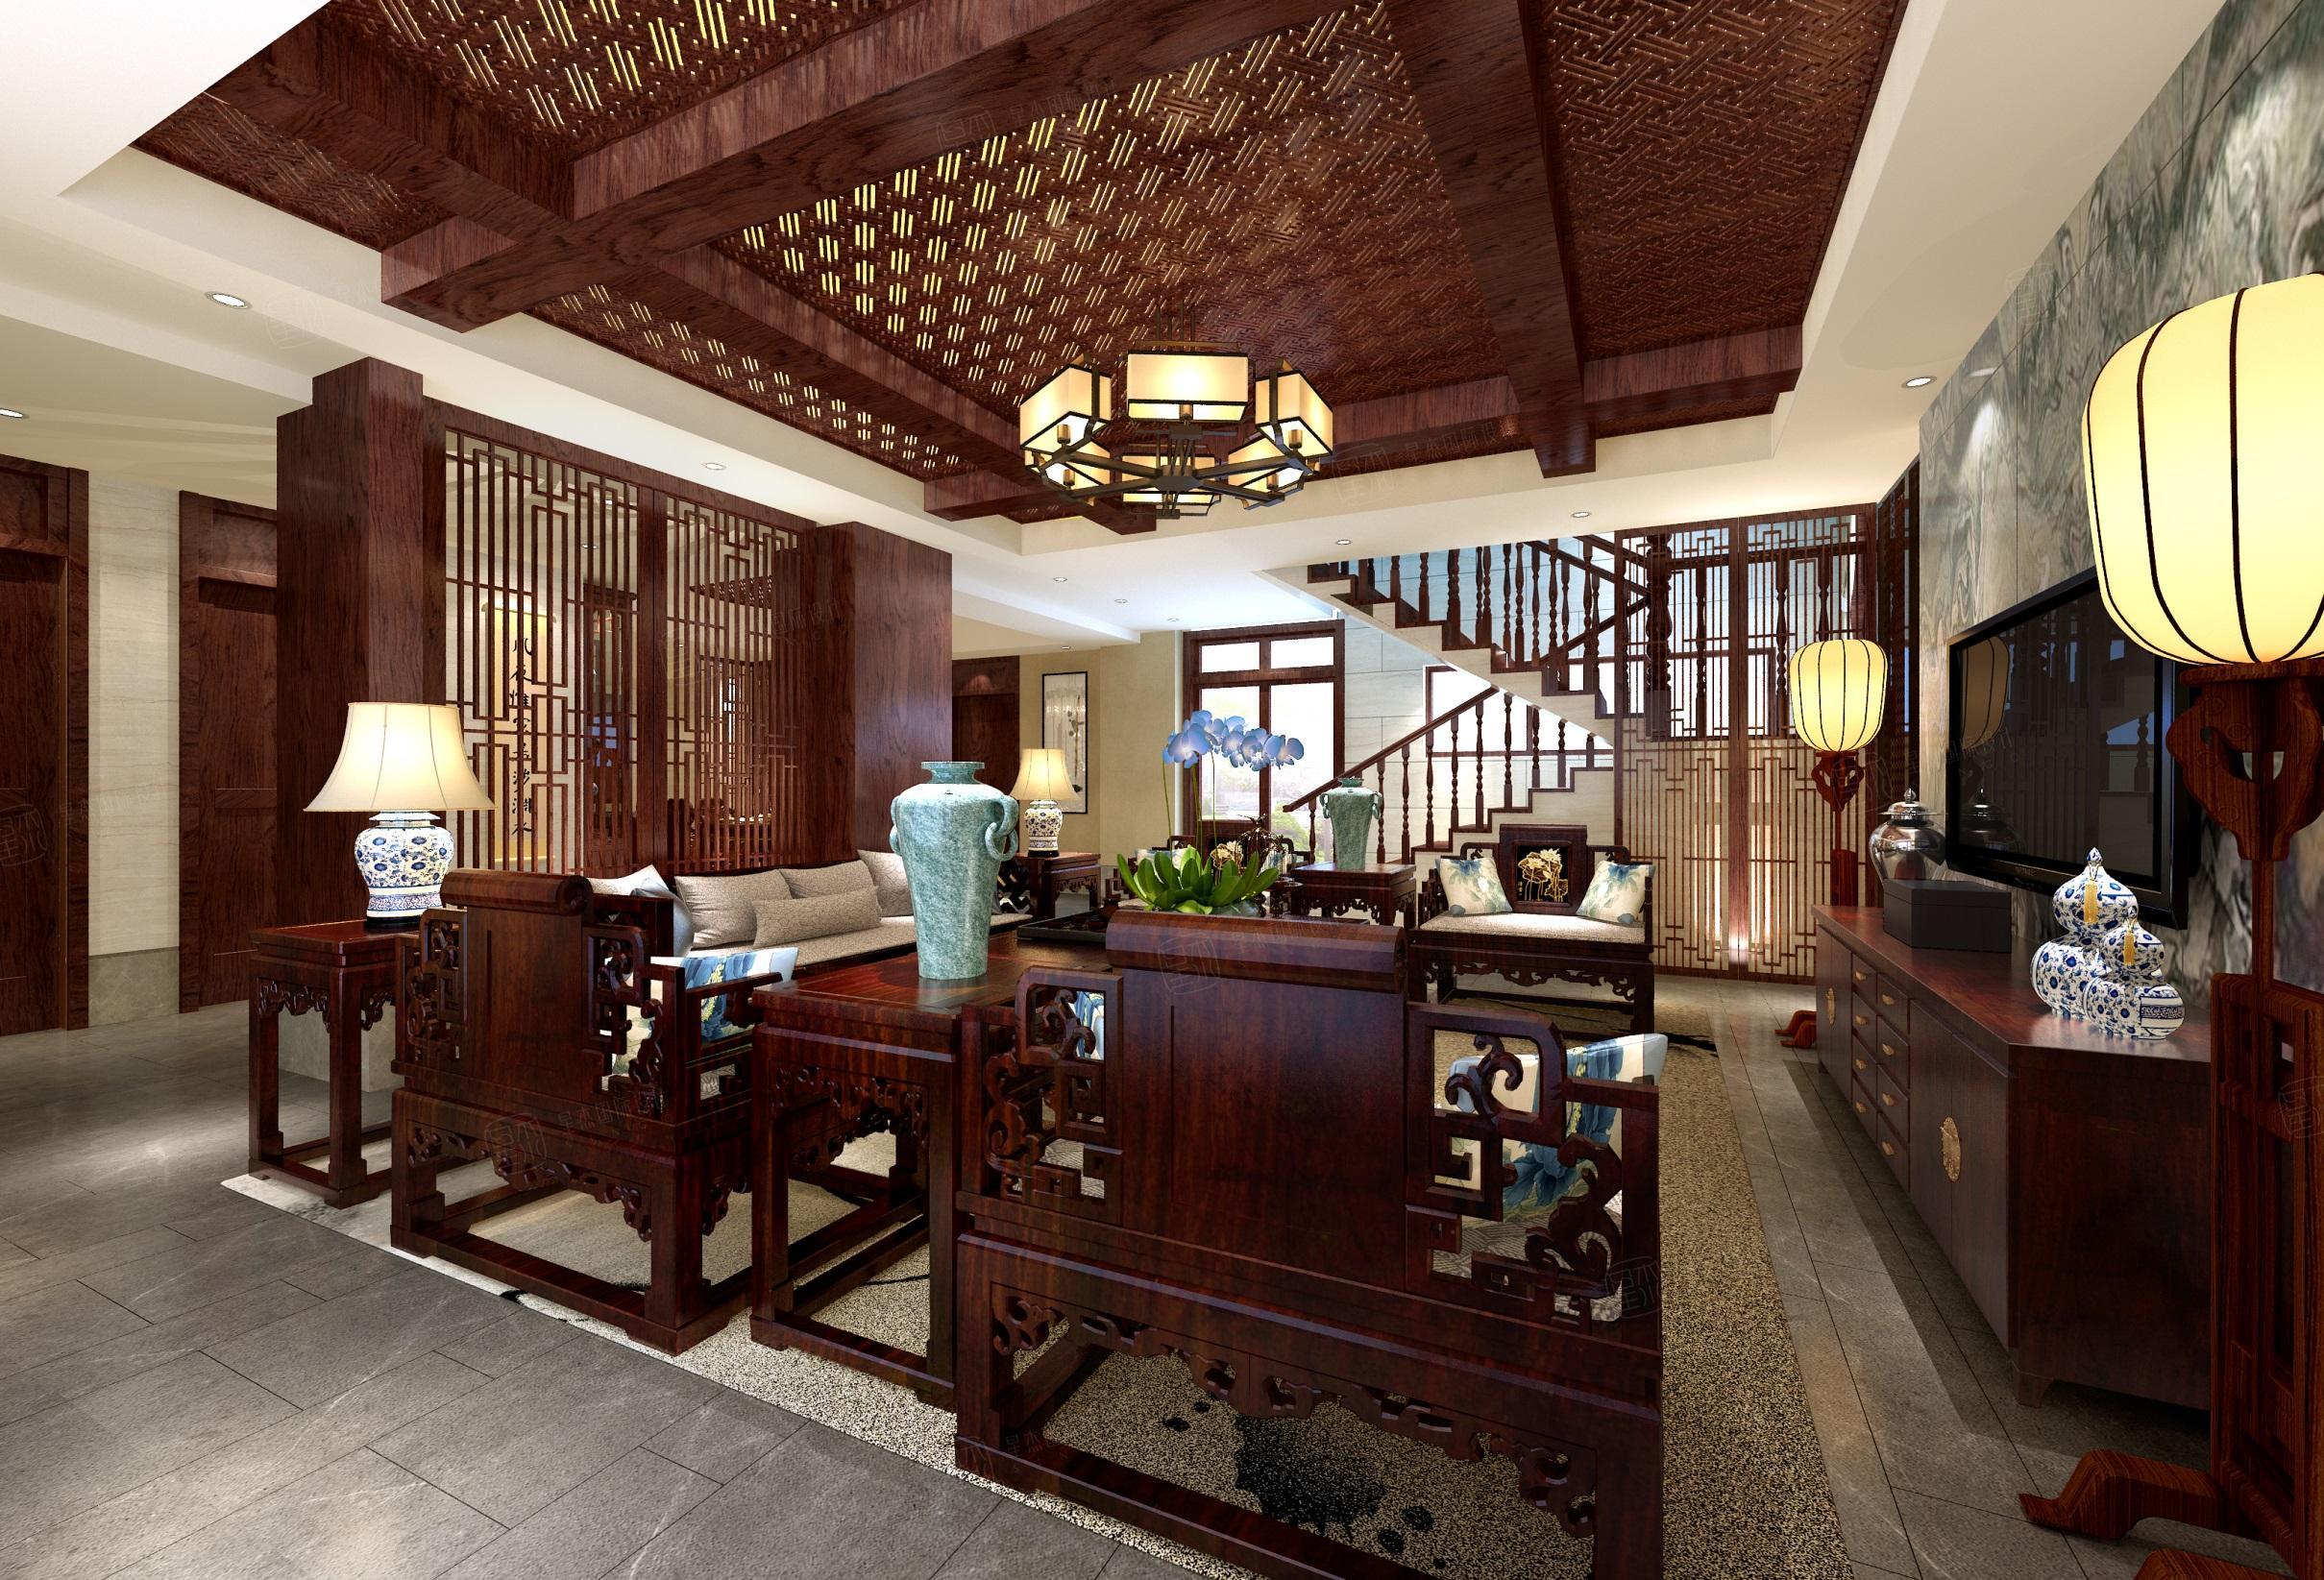 苏州绿城桃花源 中式装修客厅效果图